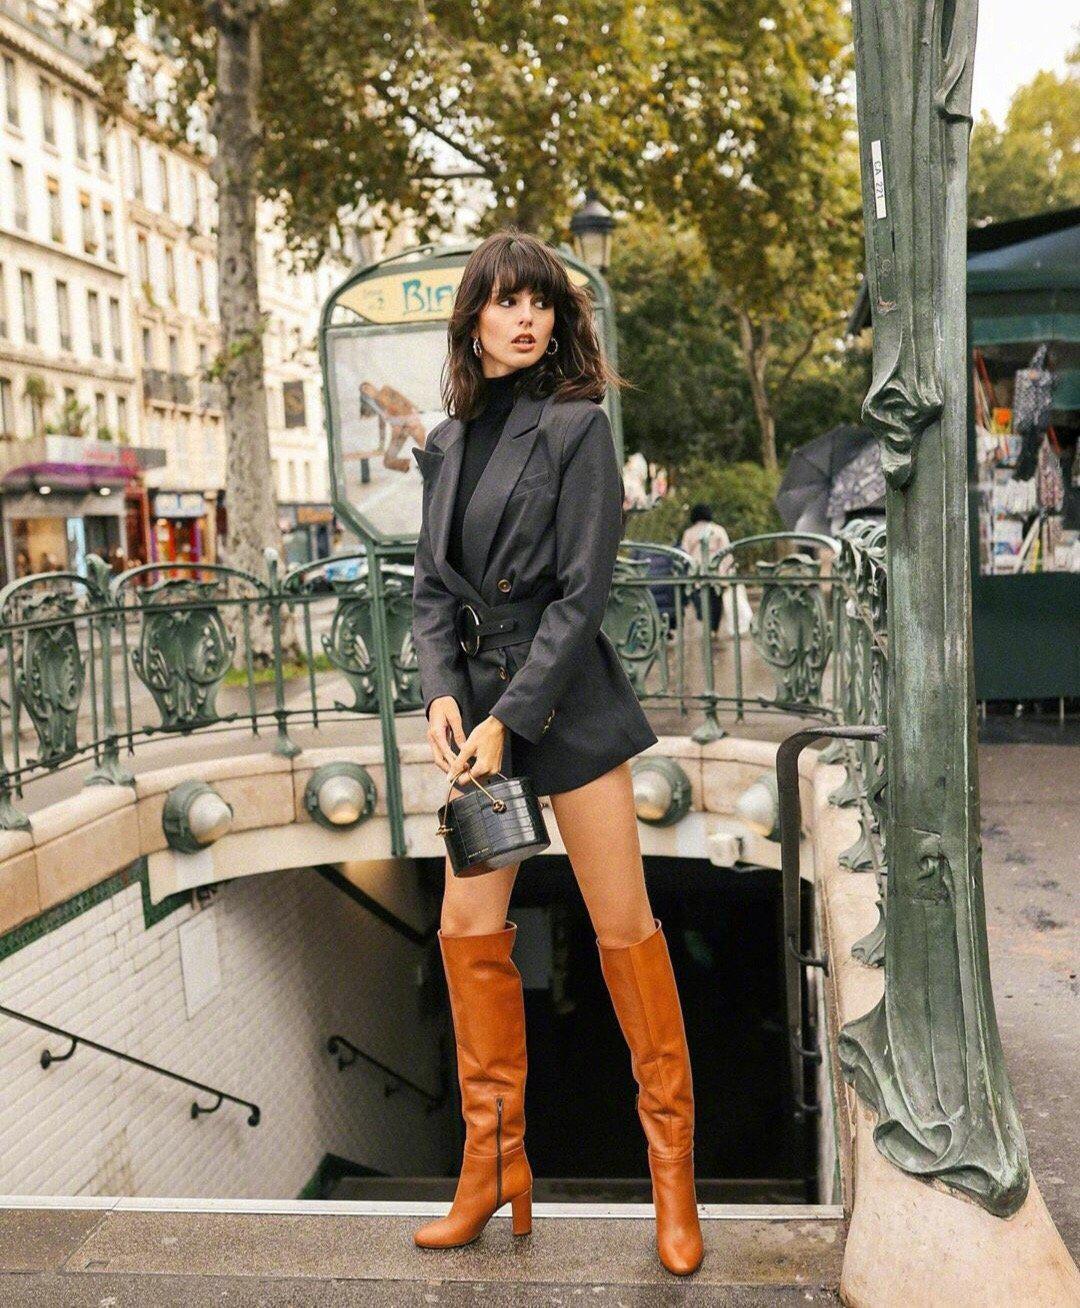 法国时尚模特Justine Soranzo法式穿搭合集